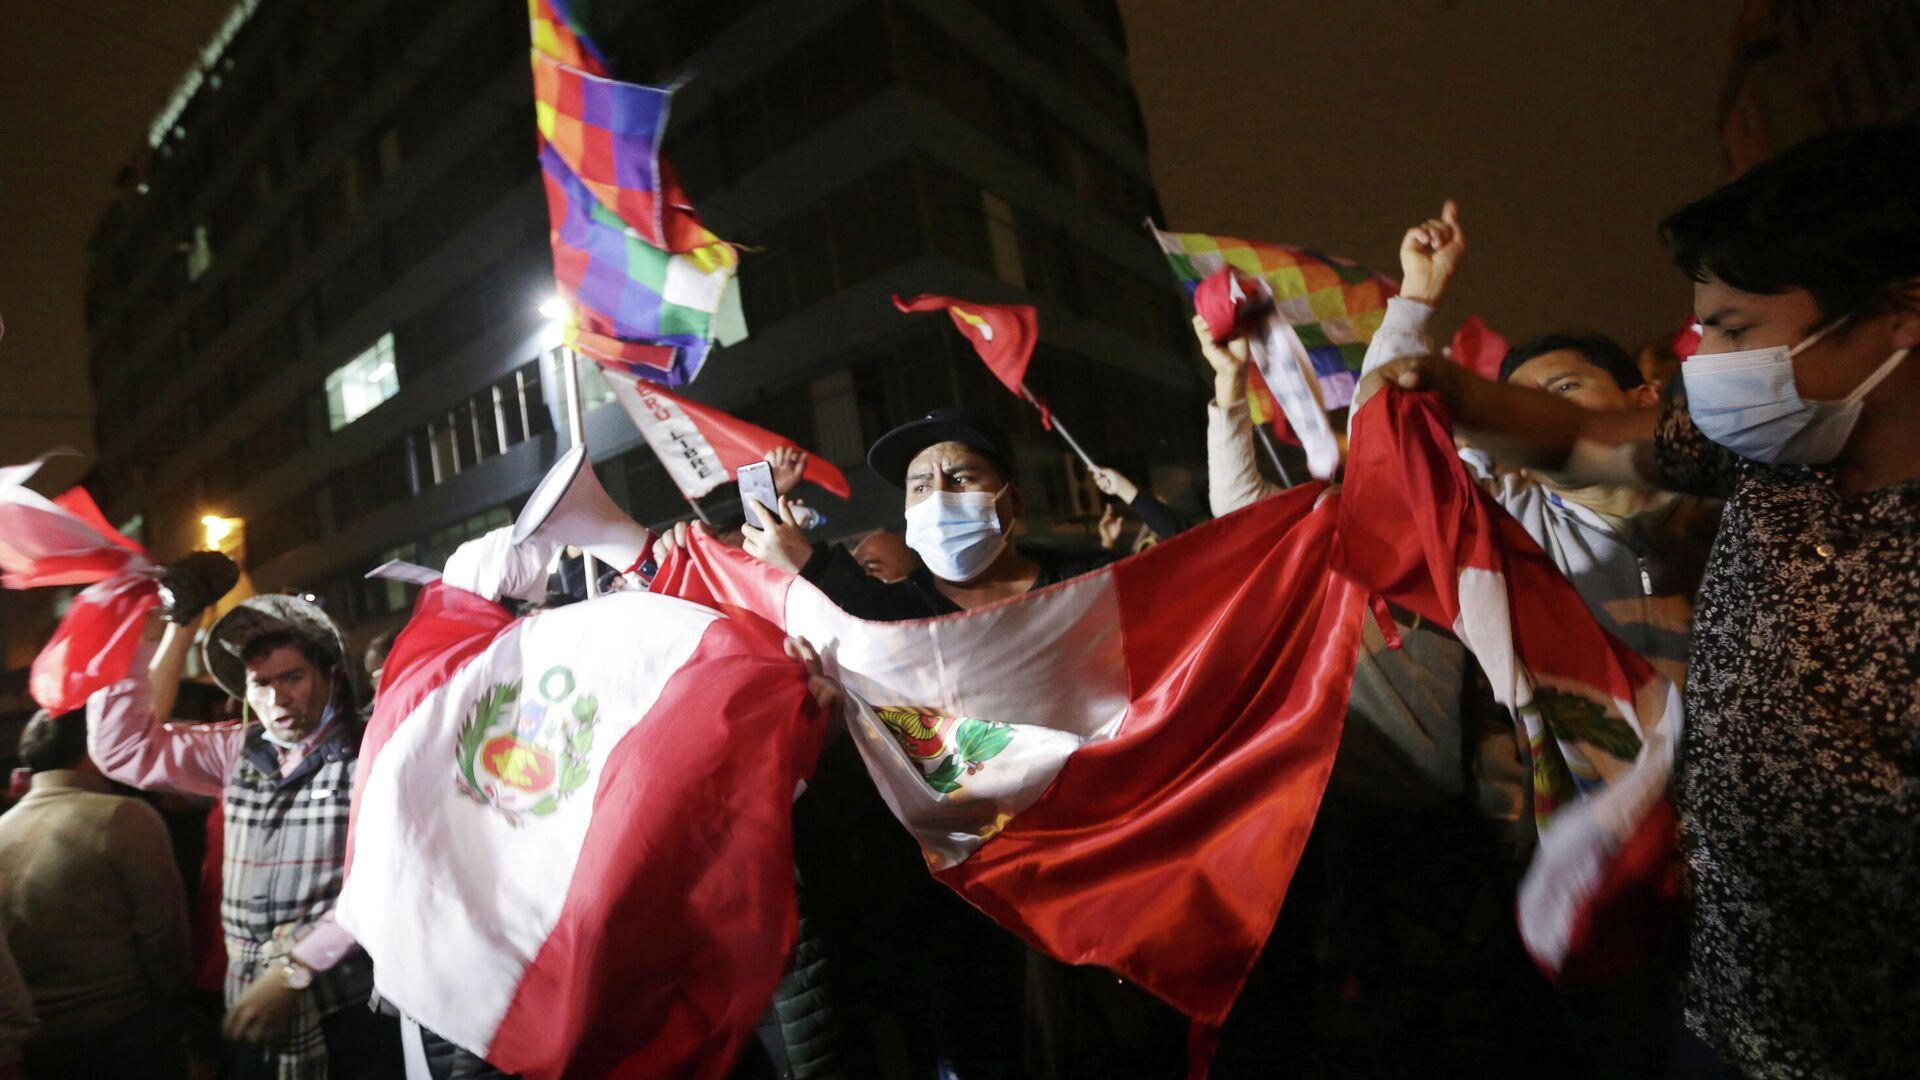 Partidarios del candidato presidencial peruano Pedro Castillo - Sputnik Mundo, 1920, 30.06.2021